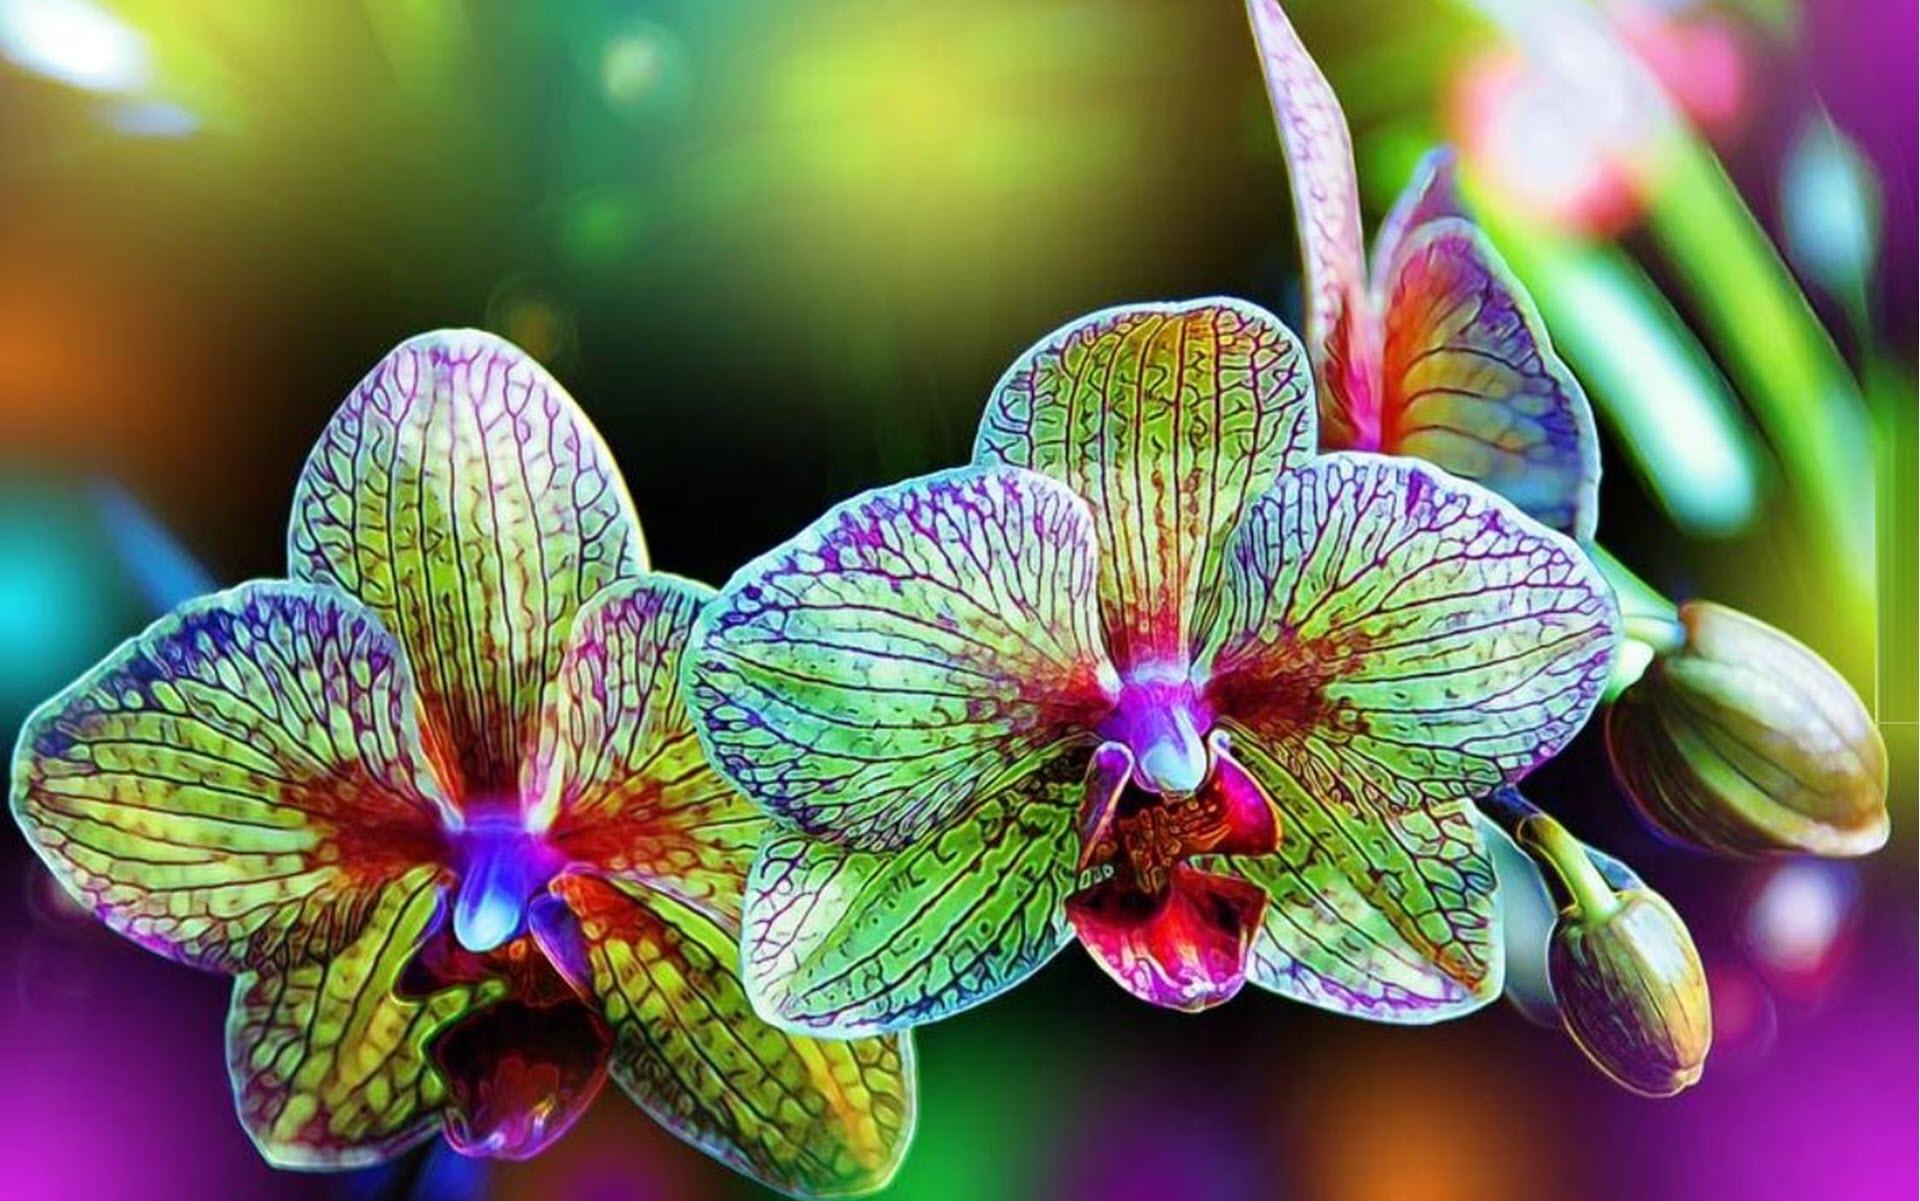 Hình nền hoa lan đa sắc màu